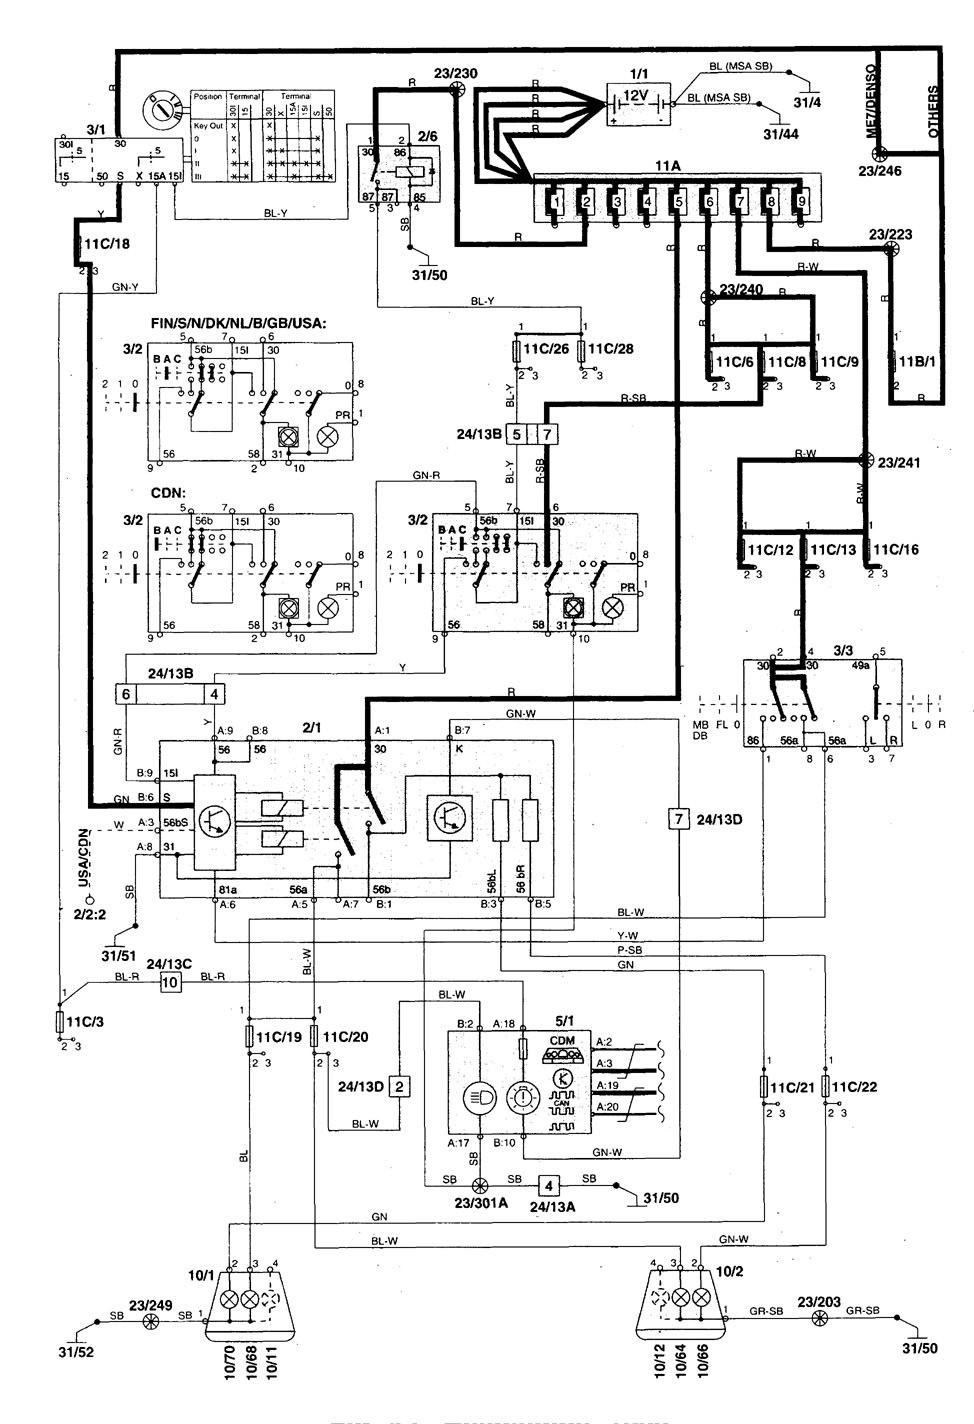 99 Volvo S80 Wiring Diagram Renault Master Wiring Diagram Download Piooner Radios Yenpancane Jeanjaures37 Fr